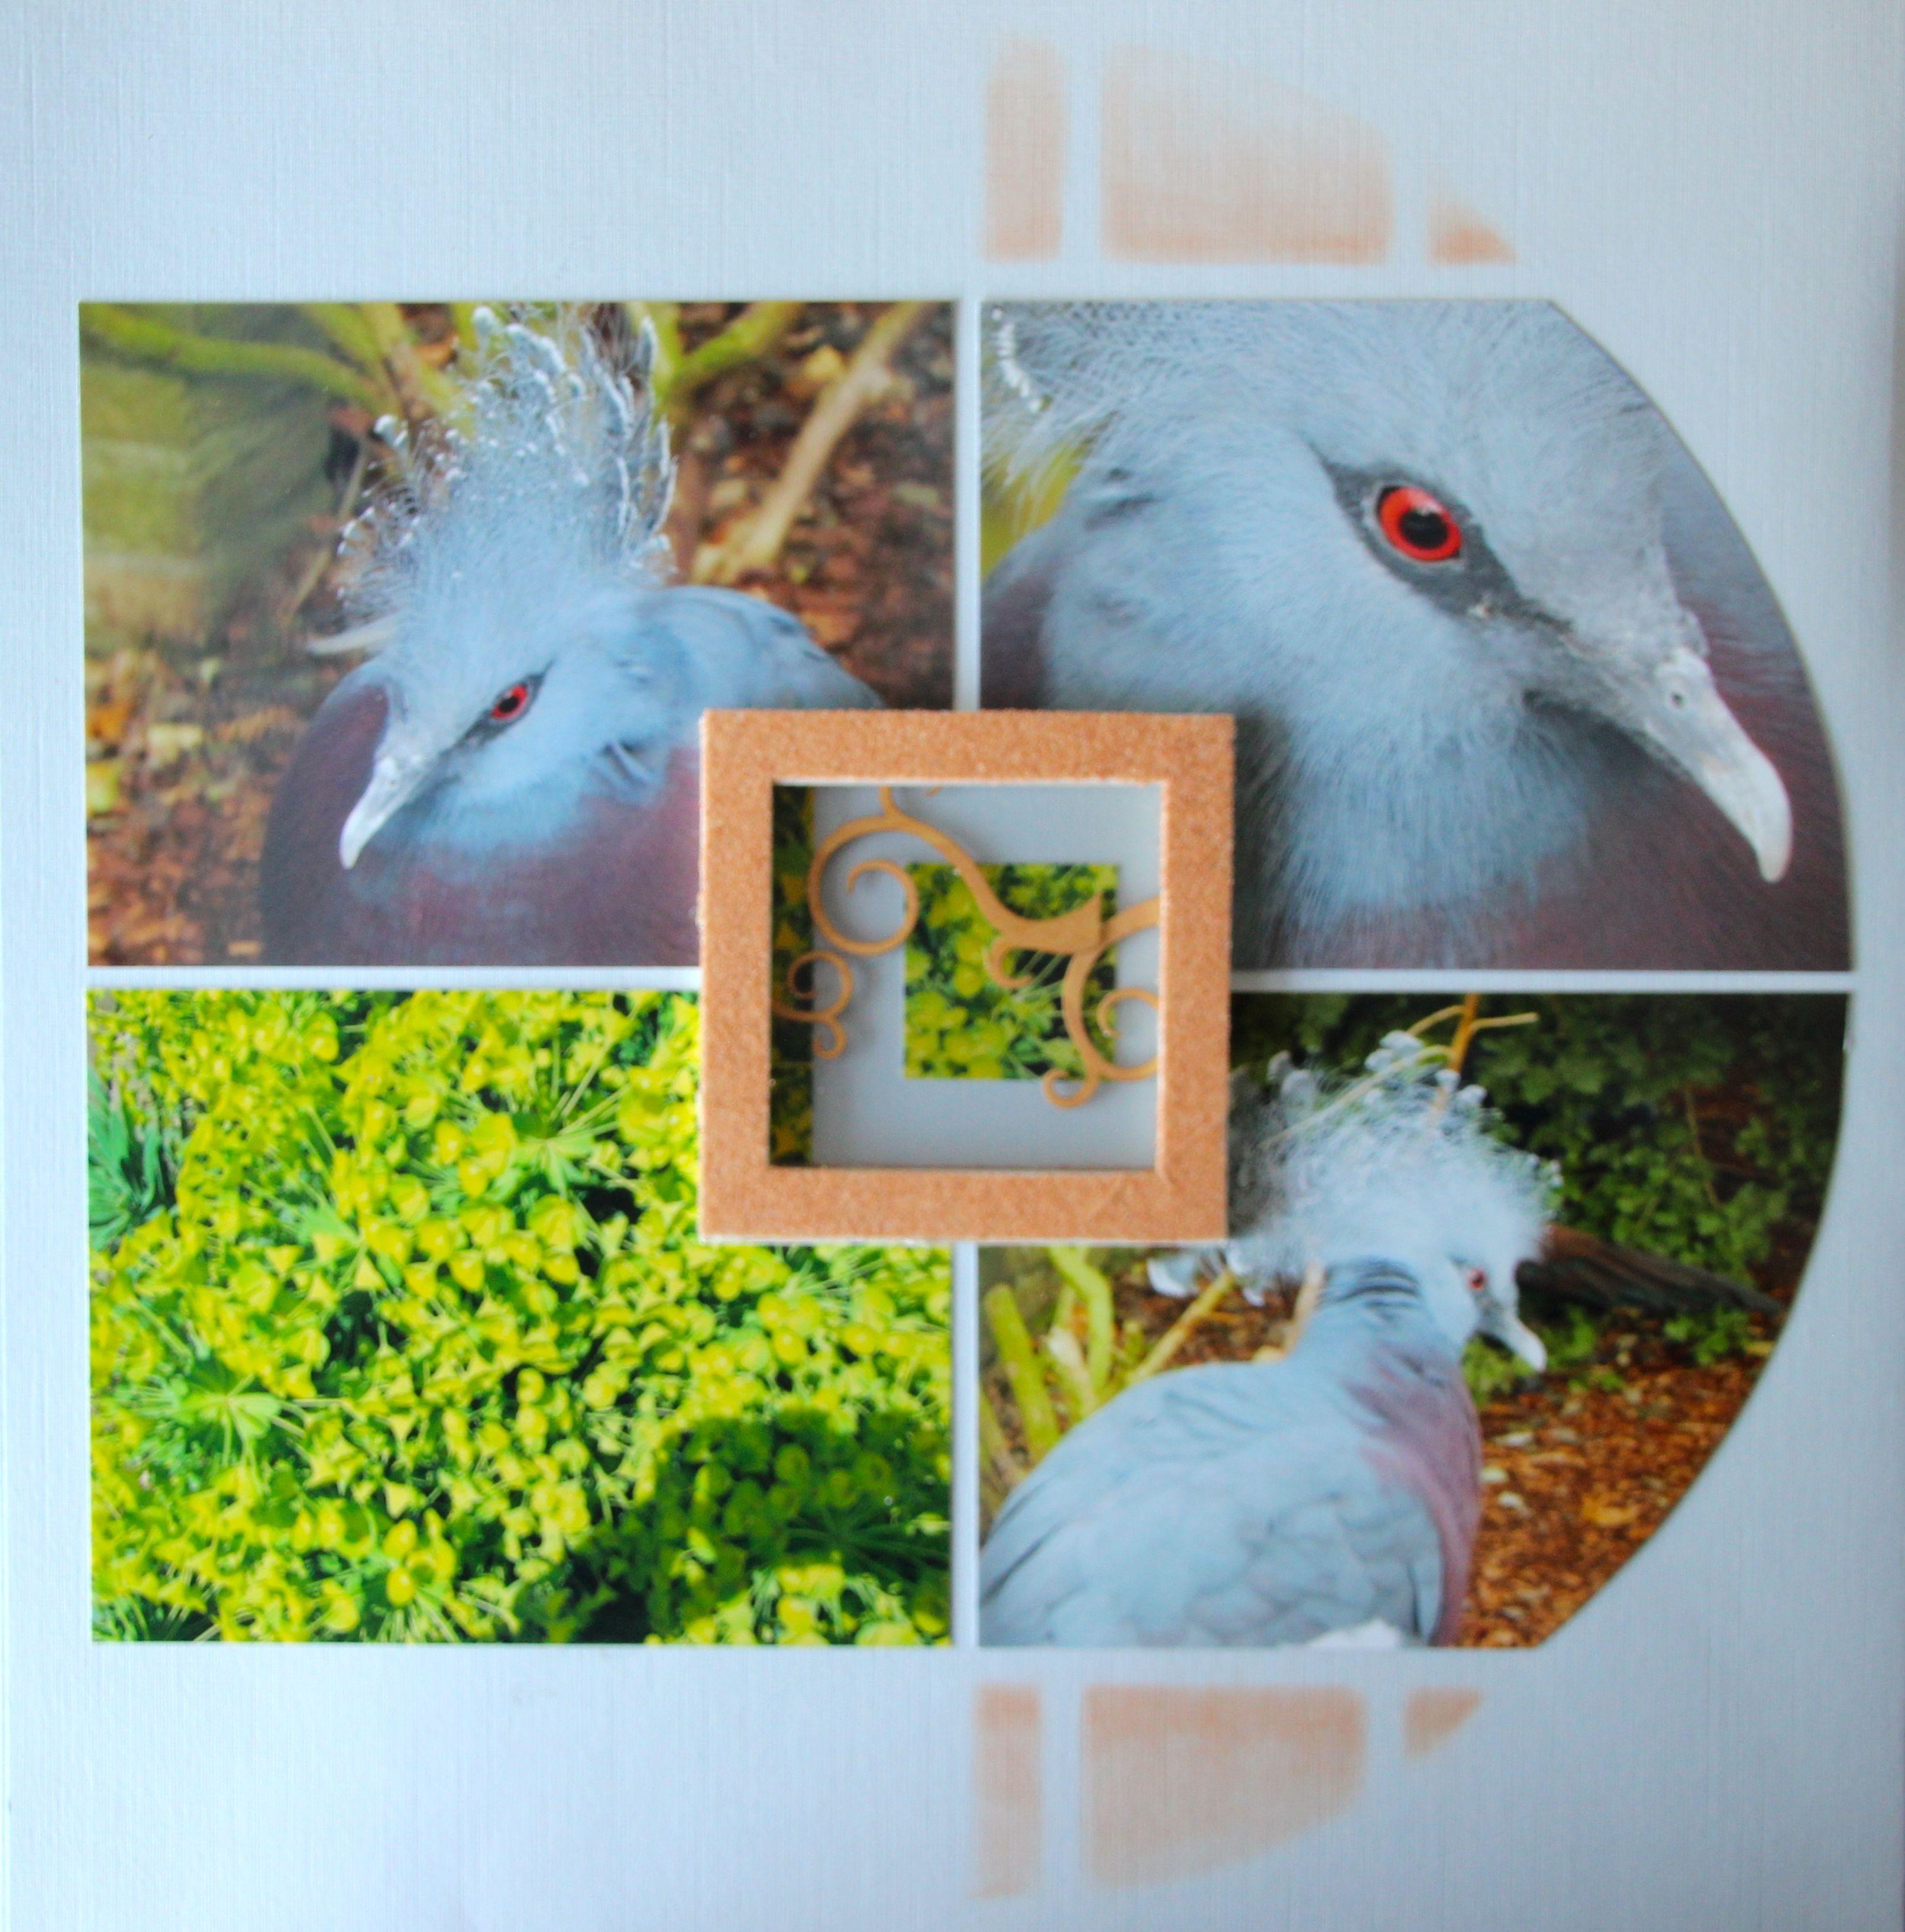 AZZA duo Grote cirkel en eigen creatie Voorblad vogel